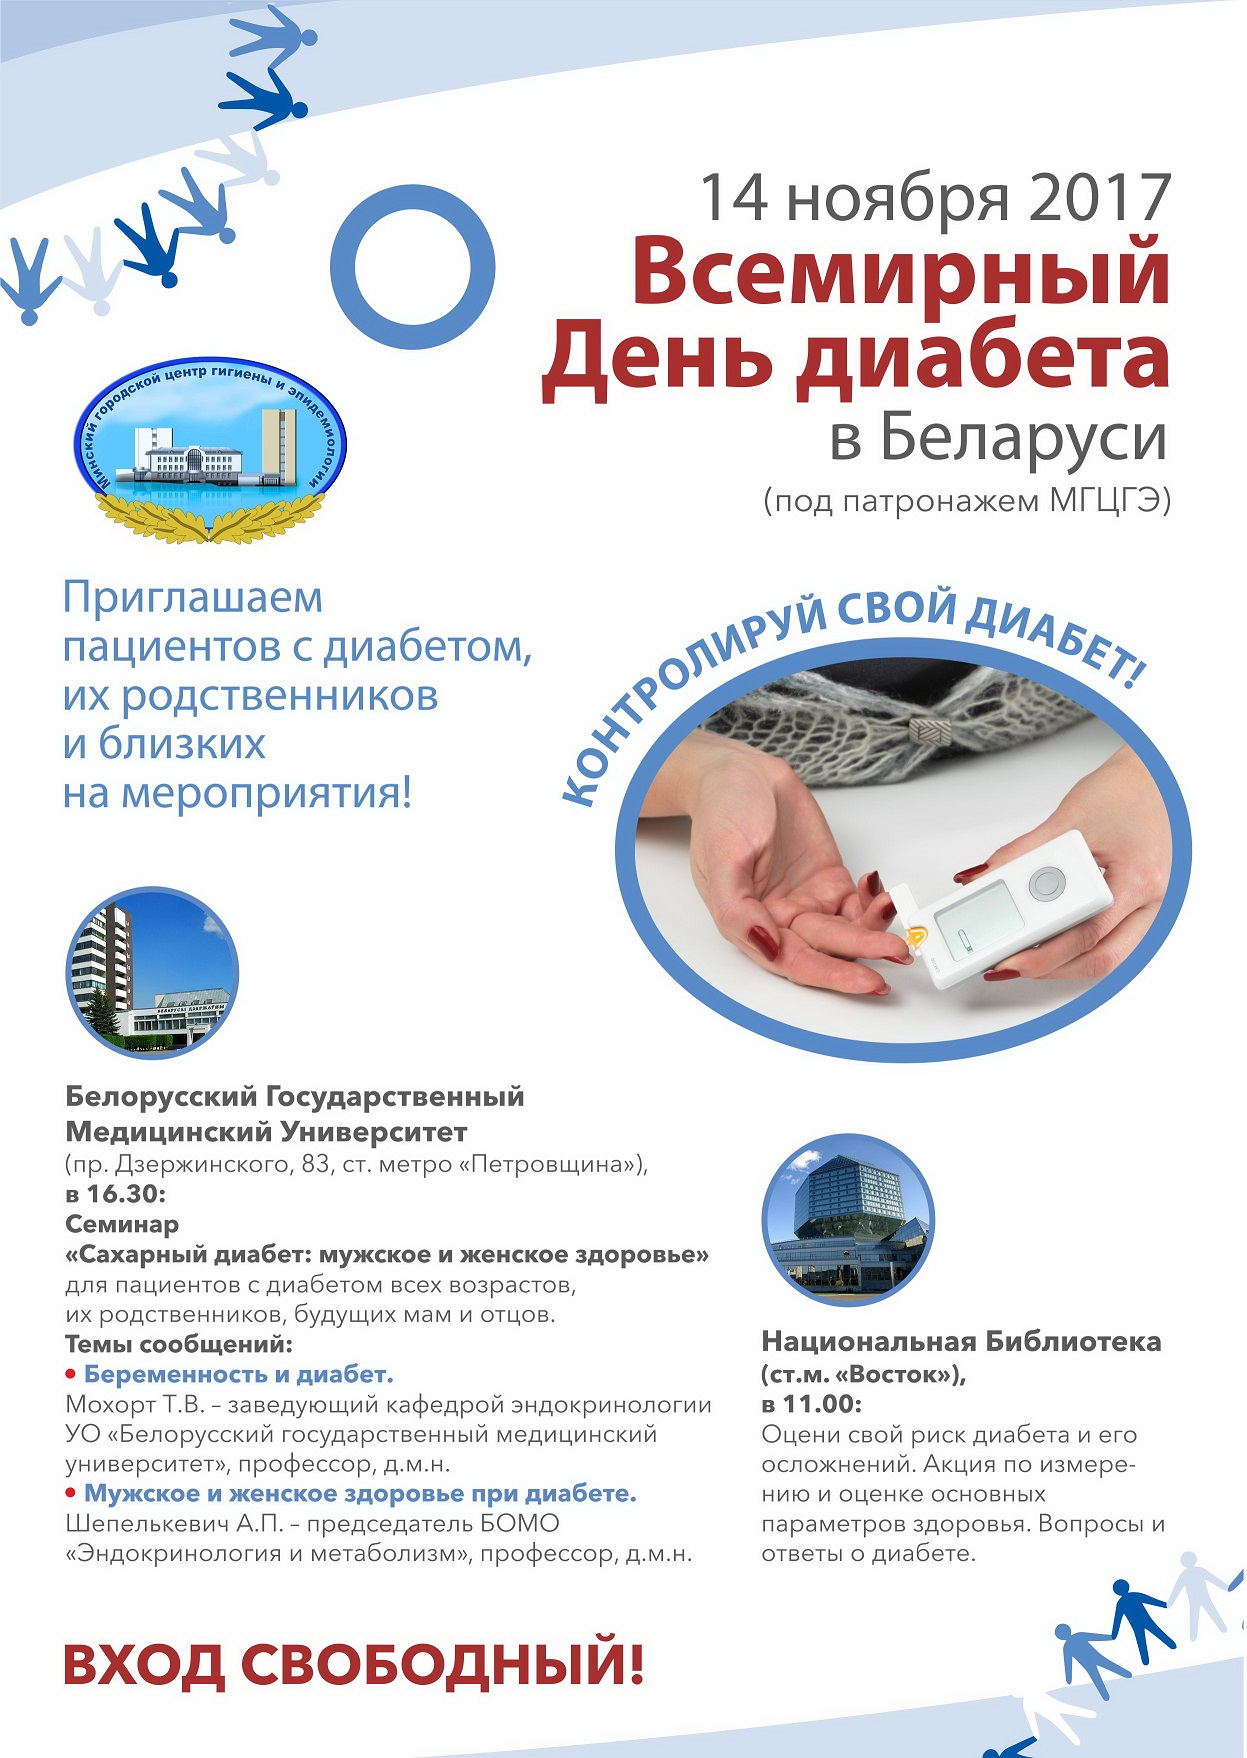 Работа саратов поликлиника экономист